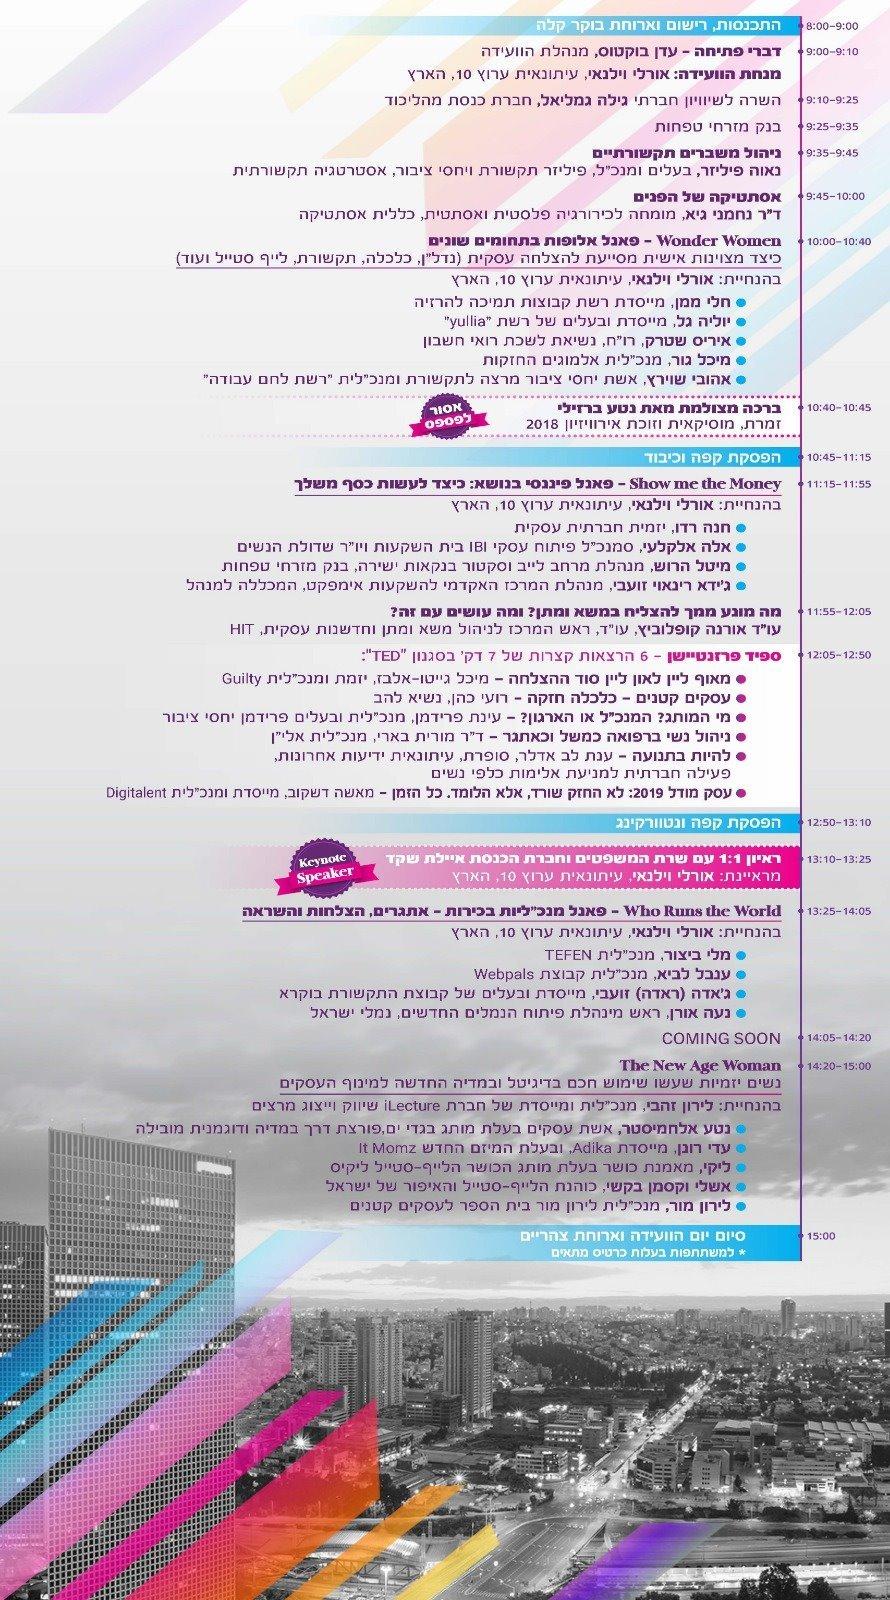 الأربعاء القادم في تل أبيب: المؤتمر الاسرائيلي الرابع للنساء والمصالح